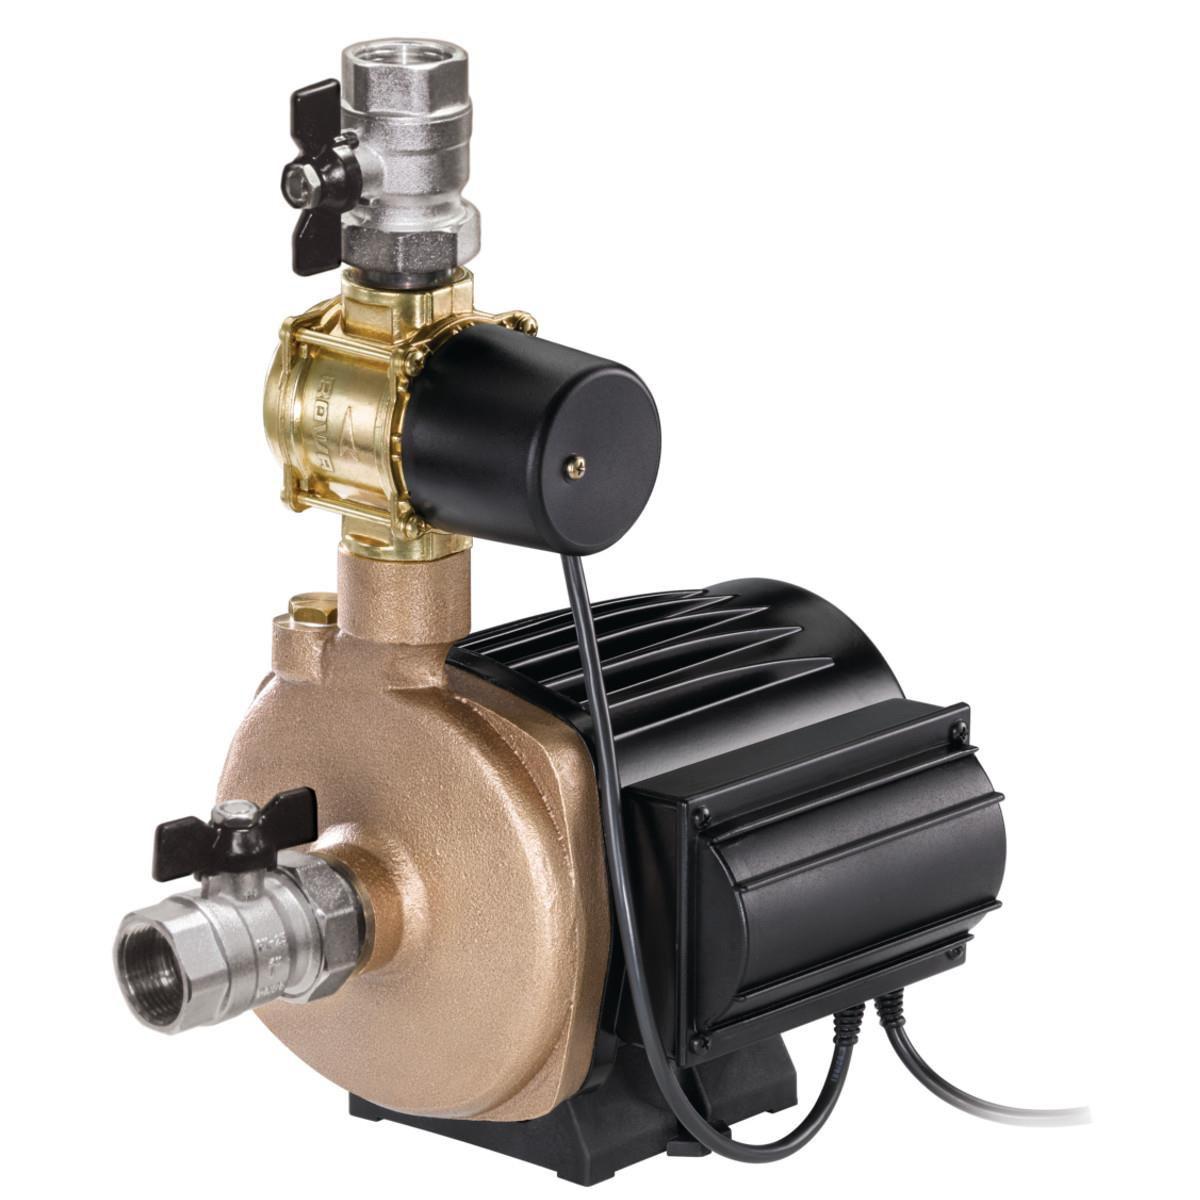 Pressurizador Rowa Max Sfl 26 Monofásico 220V - Até 6 Banheiros